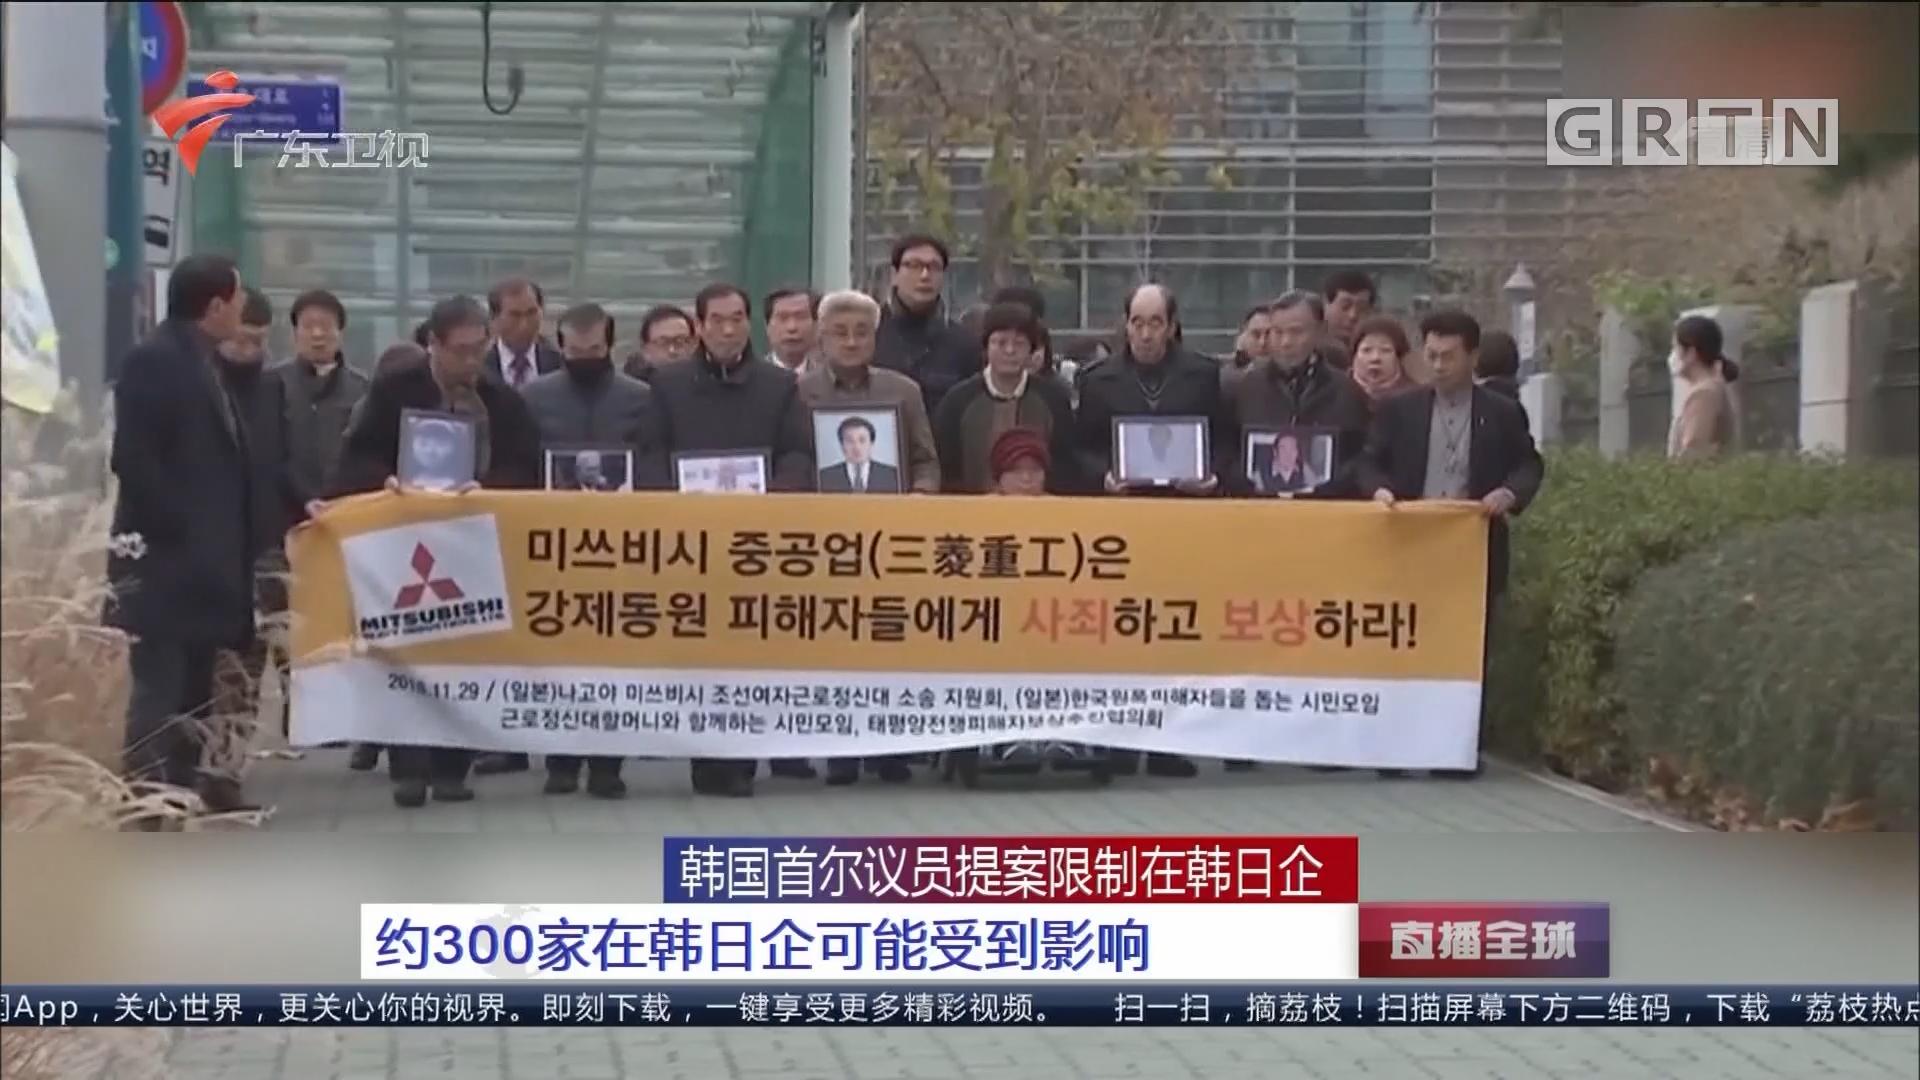 韩国首尔议员提案限制在韩日企:约300家在韩日企可能受到影响